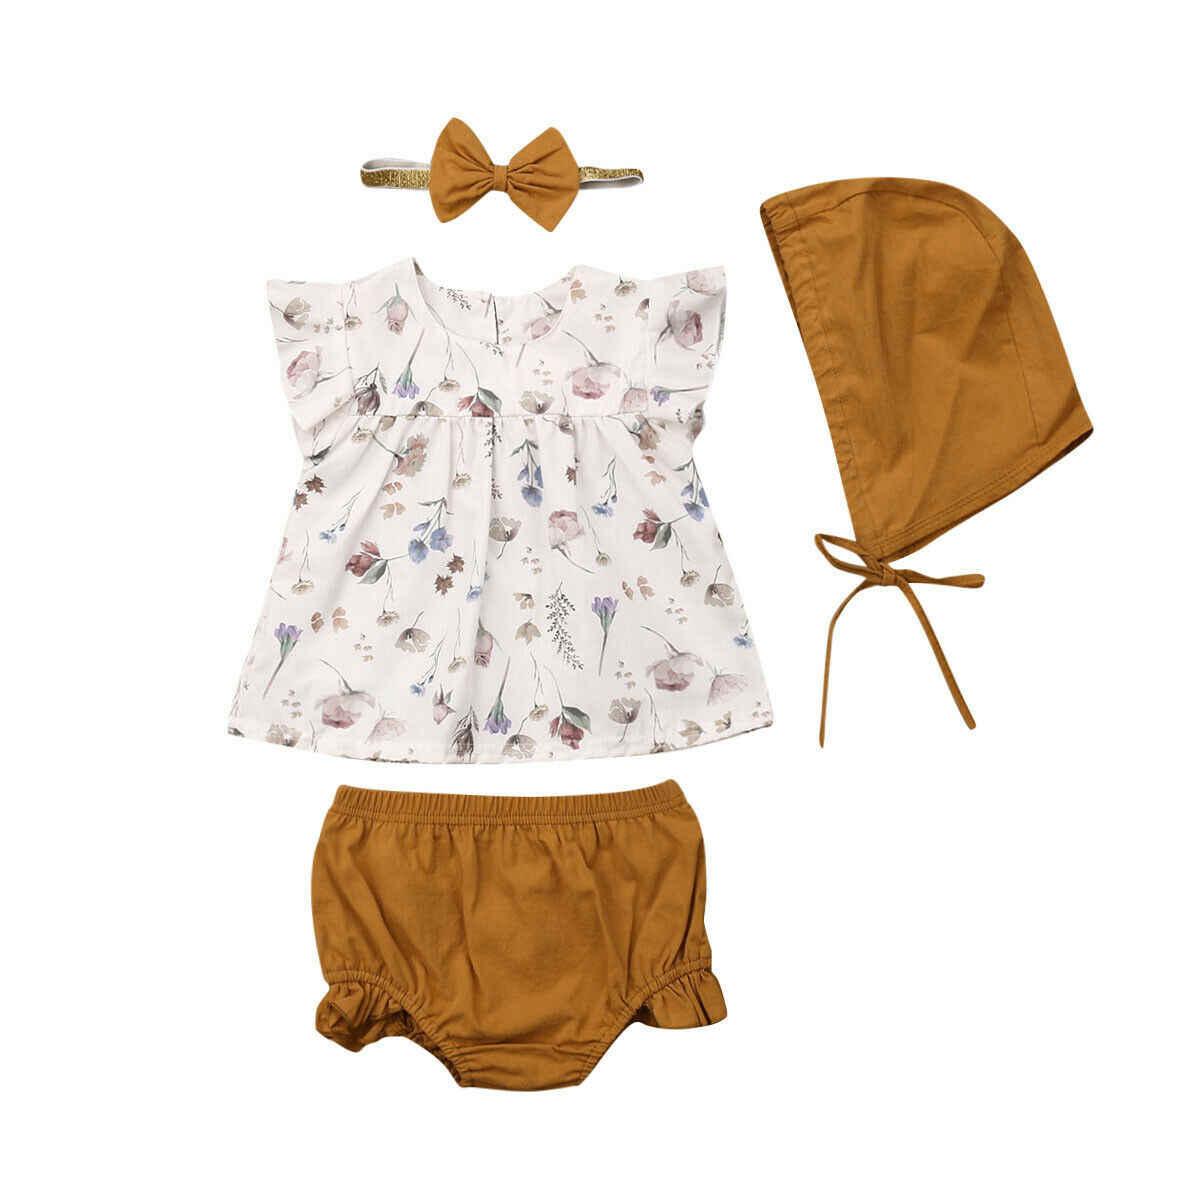 4 Uds verano niños recién nacidos bebé niñas Floral Top camiseta pantalones sombrero traje ropa conjuntos de lentejuelas ropa